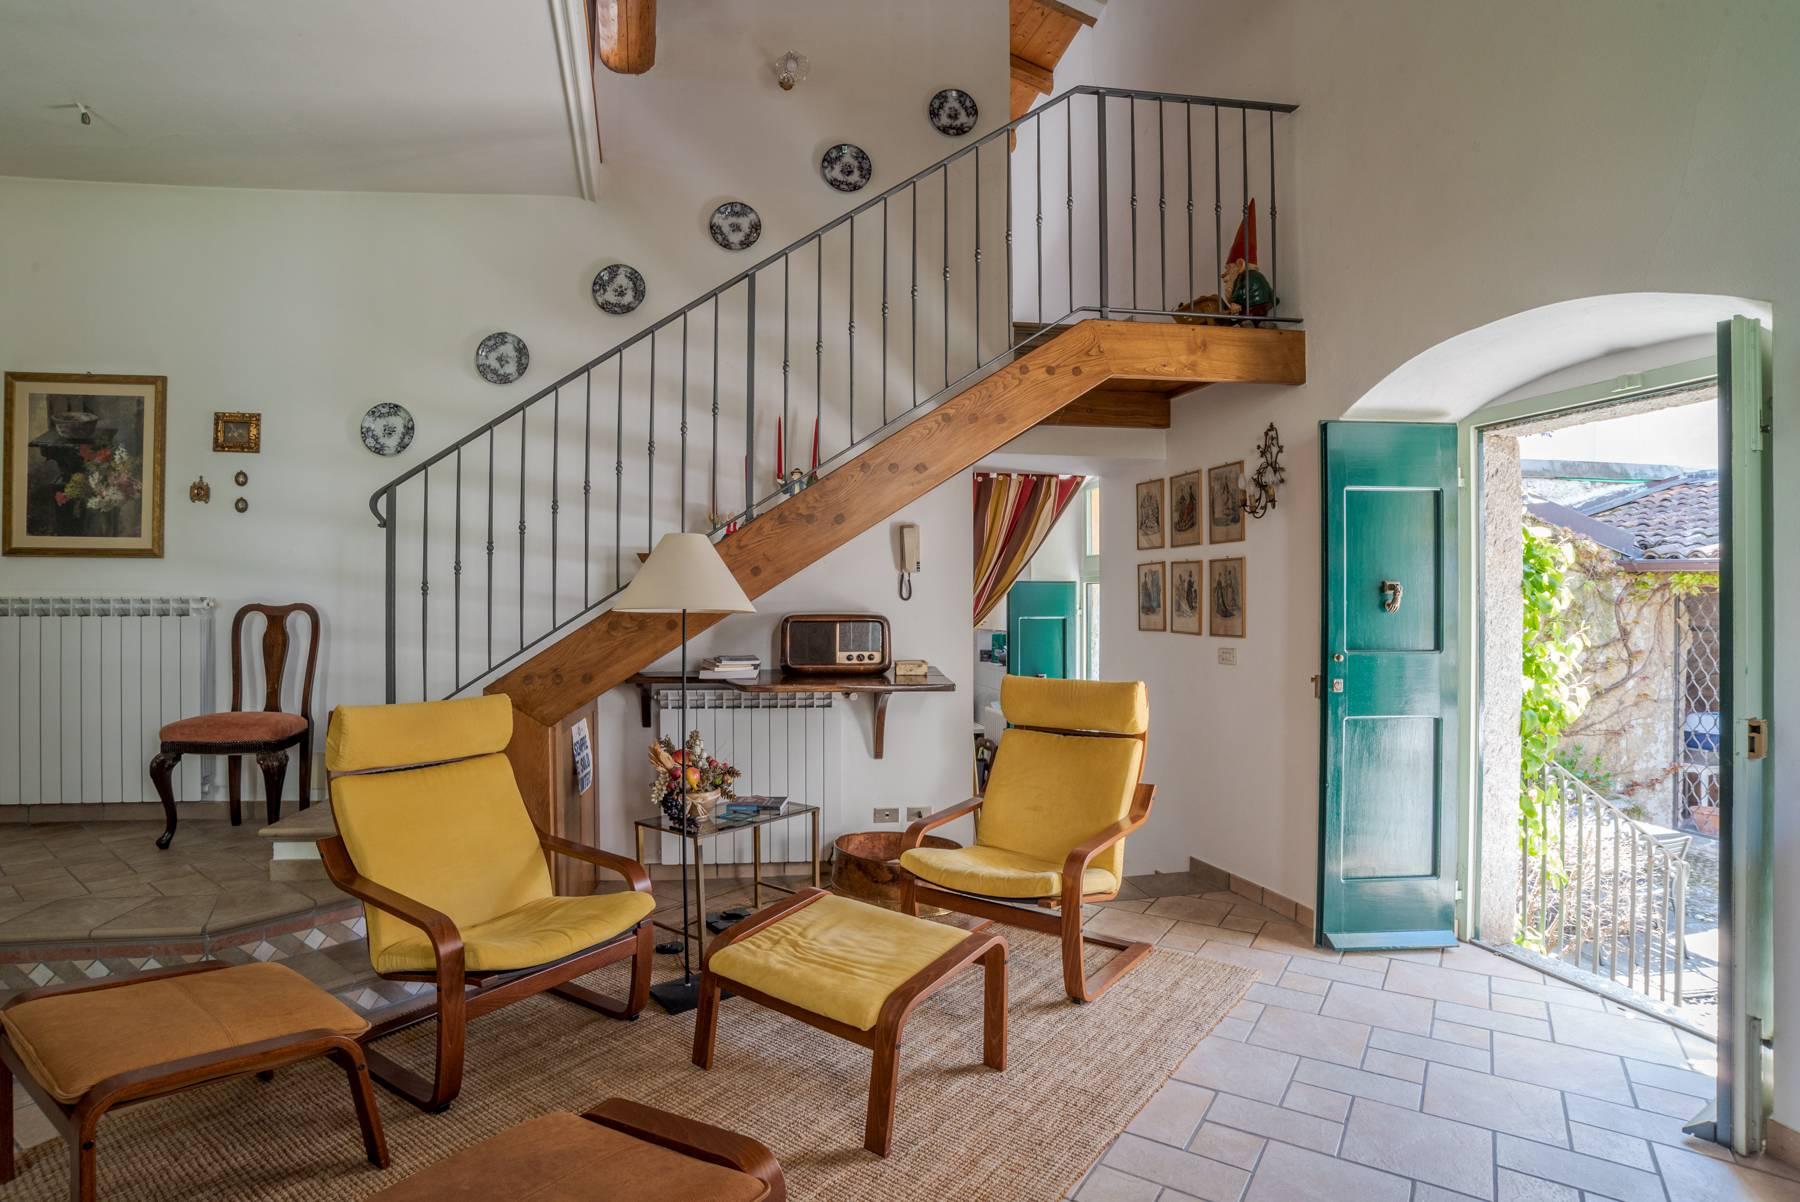 Villa in Vendita a Tremezzina: 5 locali, 650 mq - Foto 25